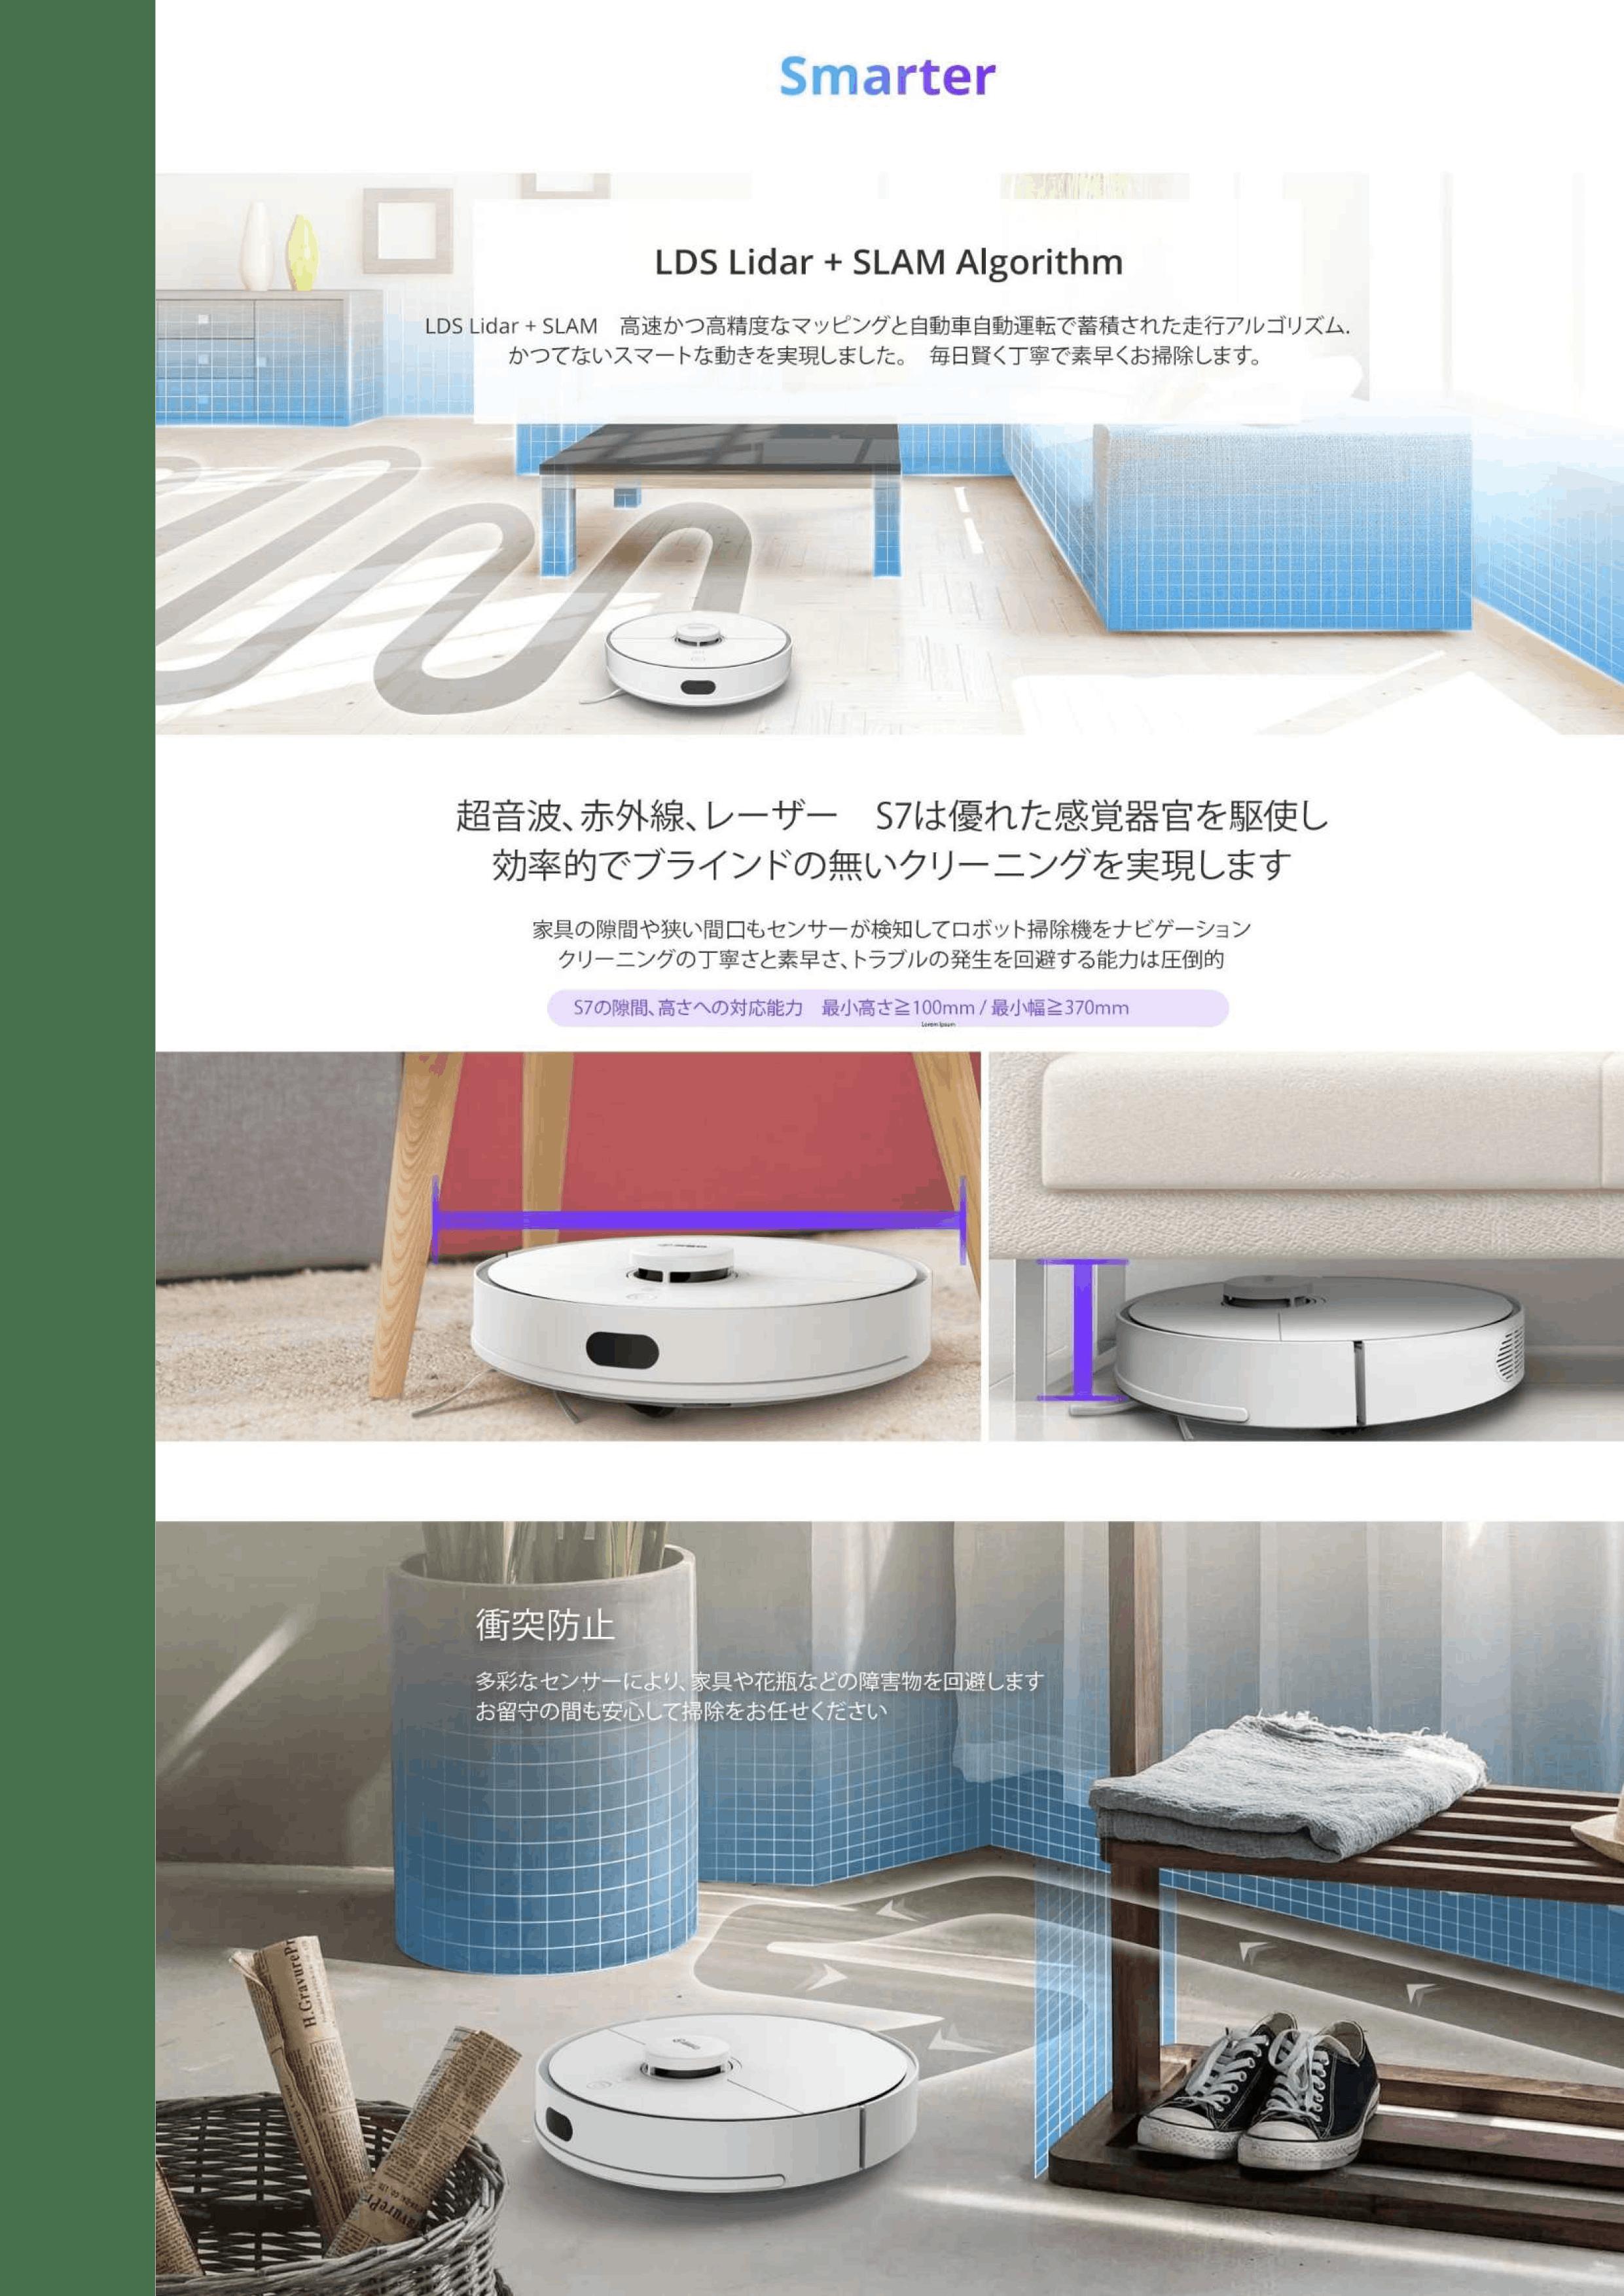 ロボット掃除機 ファームウェア